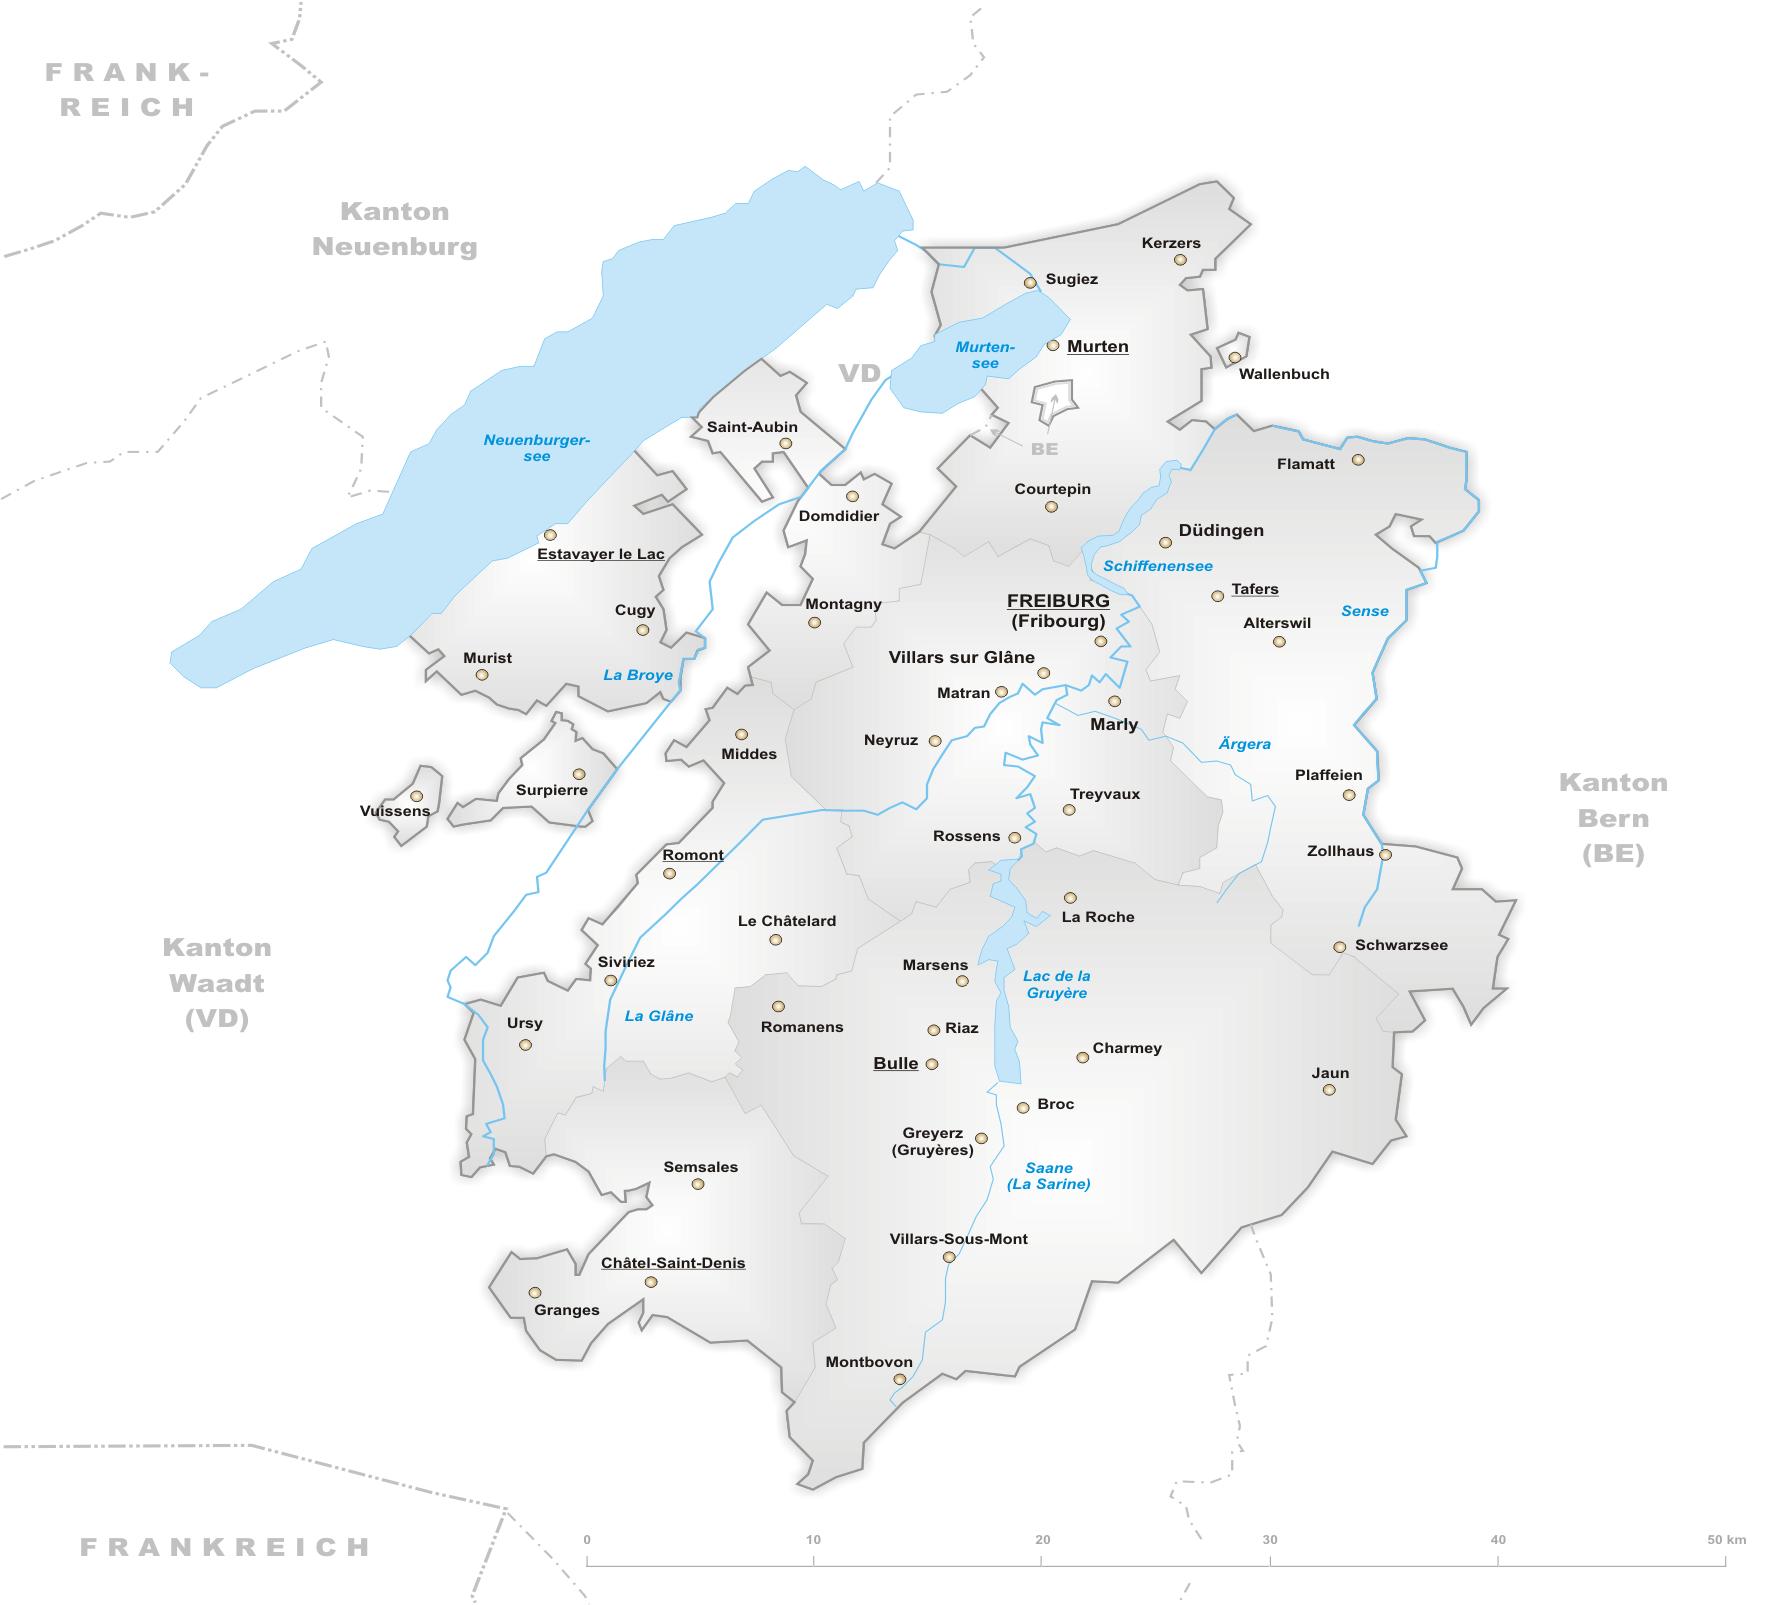 freiburg karte Datei:Karte Kanton Freiburg.png – Wikipedia freiburg karte